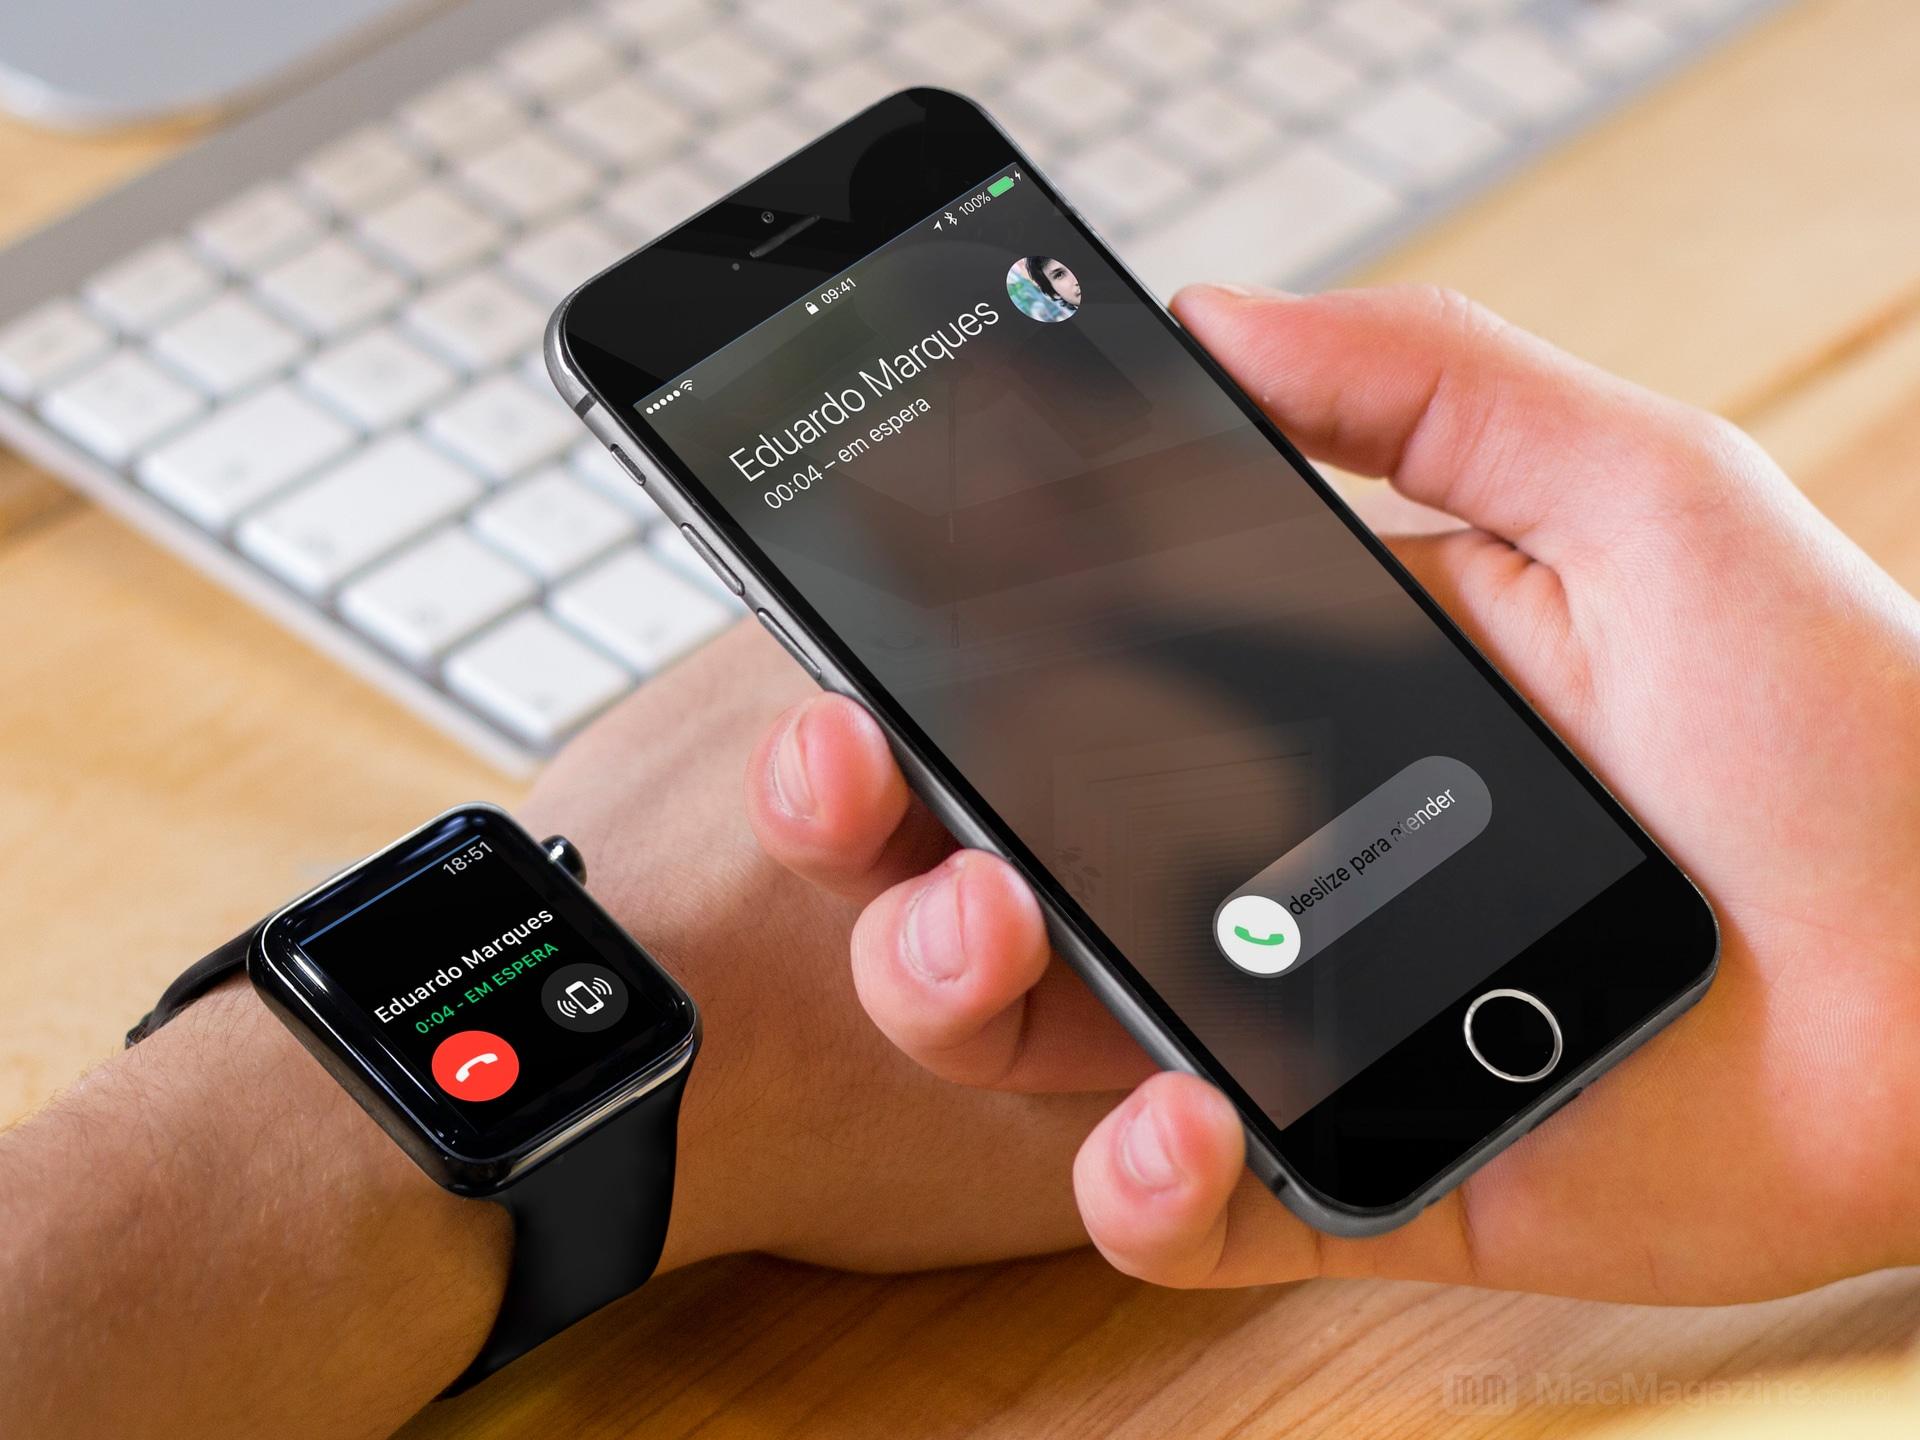 Atendendo ligação no iPhone pelo Apple Watch